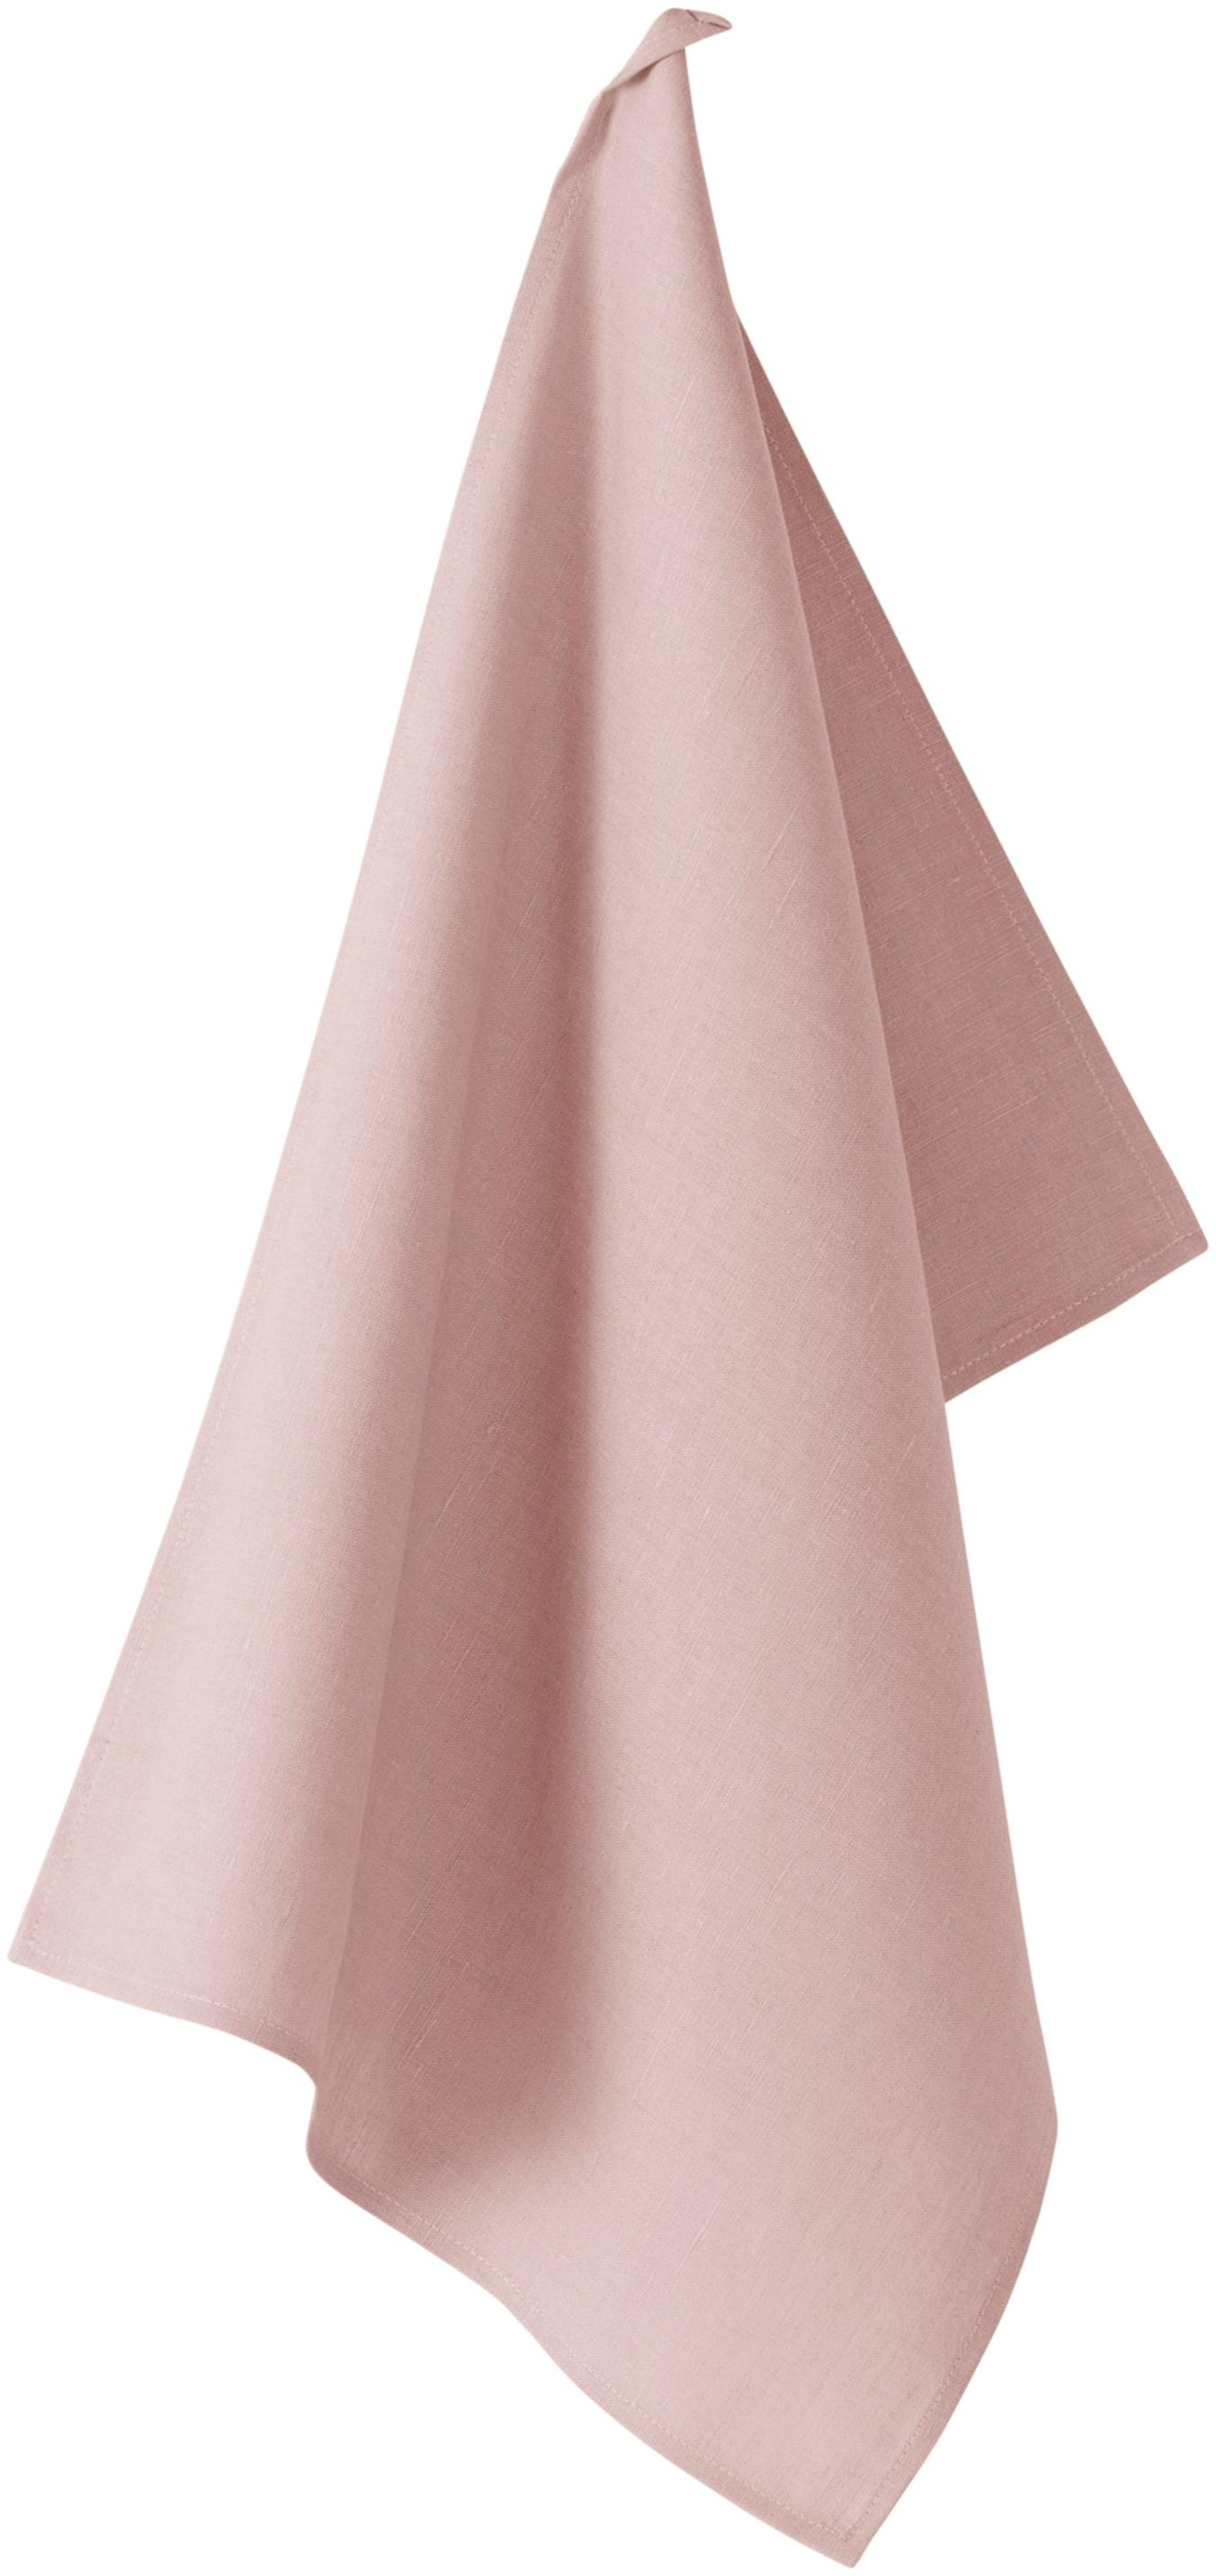 Linnen theedoek Hermia, 57% linnen, 43% katoen, Roze, 50 x 70 cm